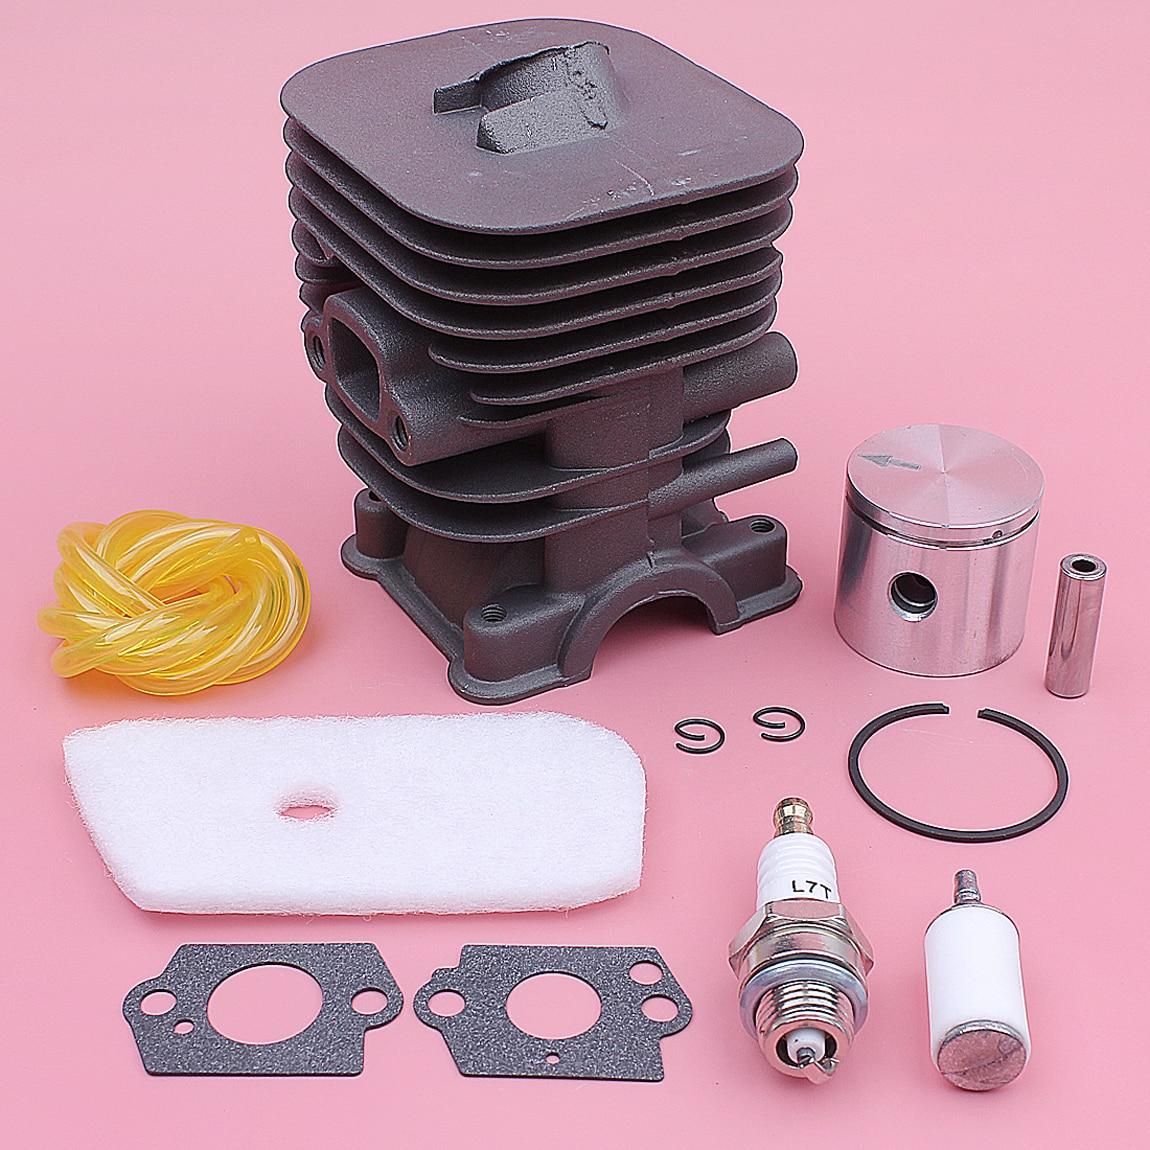 35mm For Kit Air 128L Piston Fuel 128LD 545008082 Filter Spark 128CD Cylinder 128C Trimmer Husqvarna Parts Carb Gasket Plug